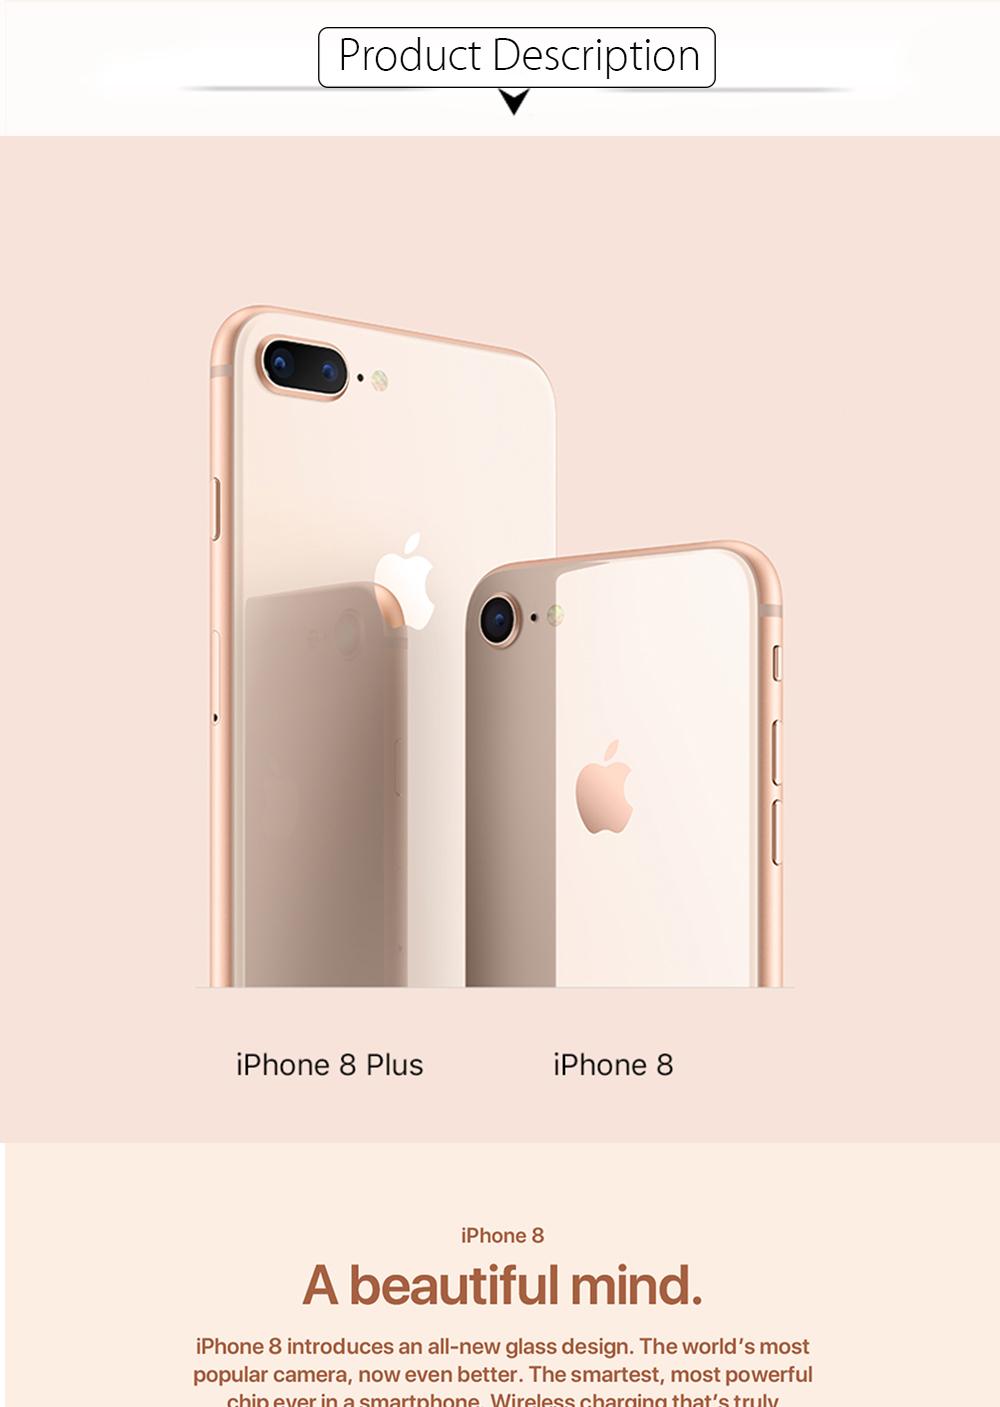 ギガバイト/256 ROM BTC iPhone 2